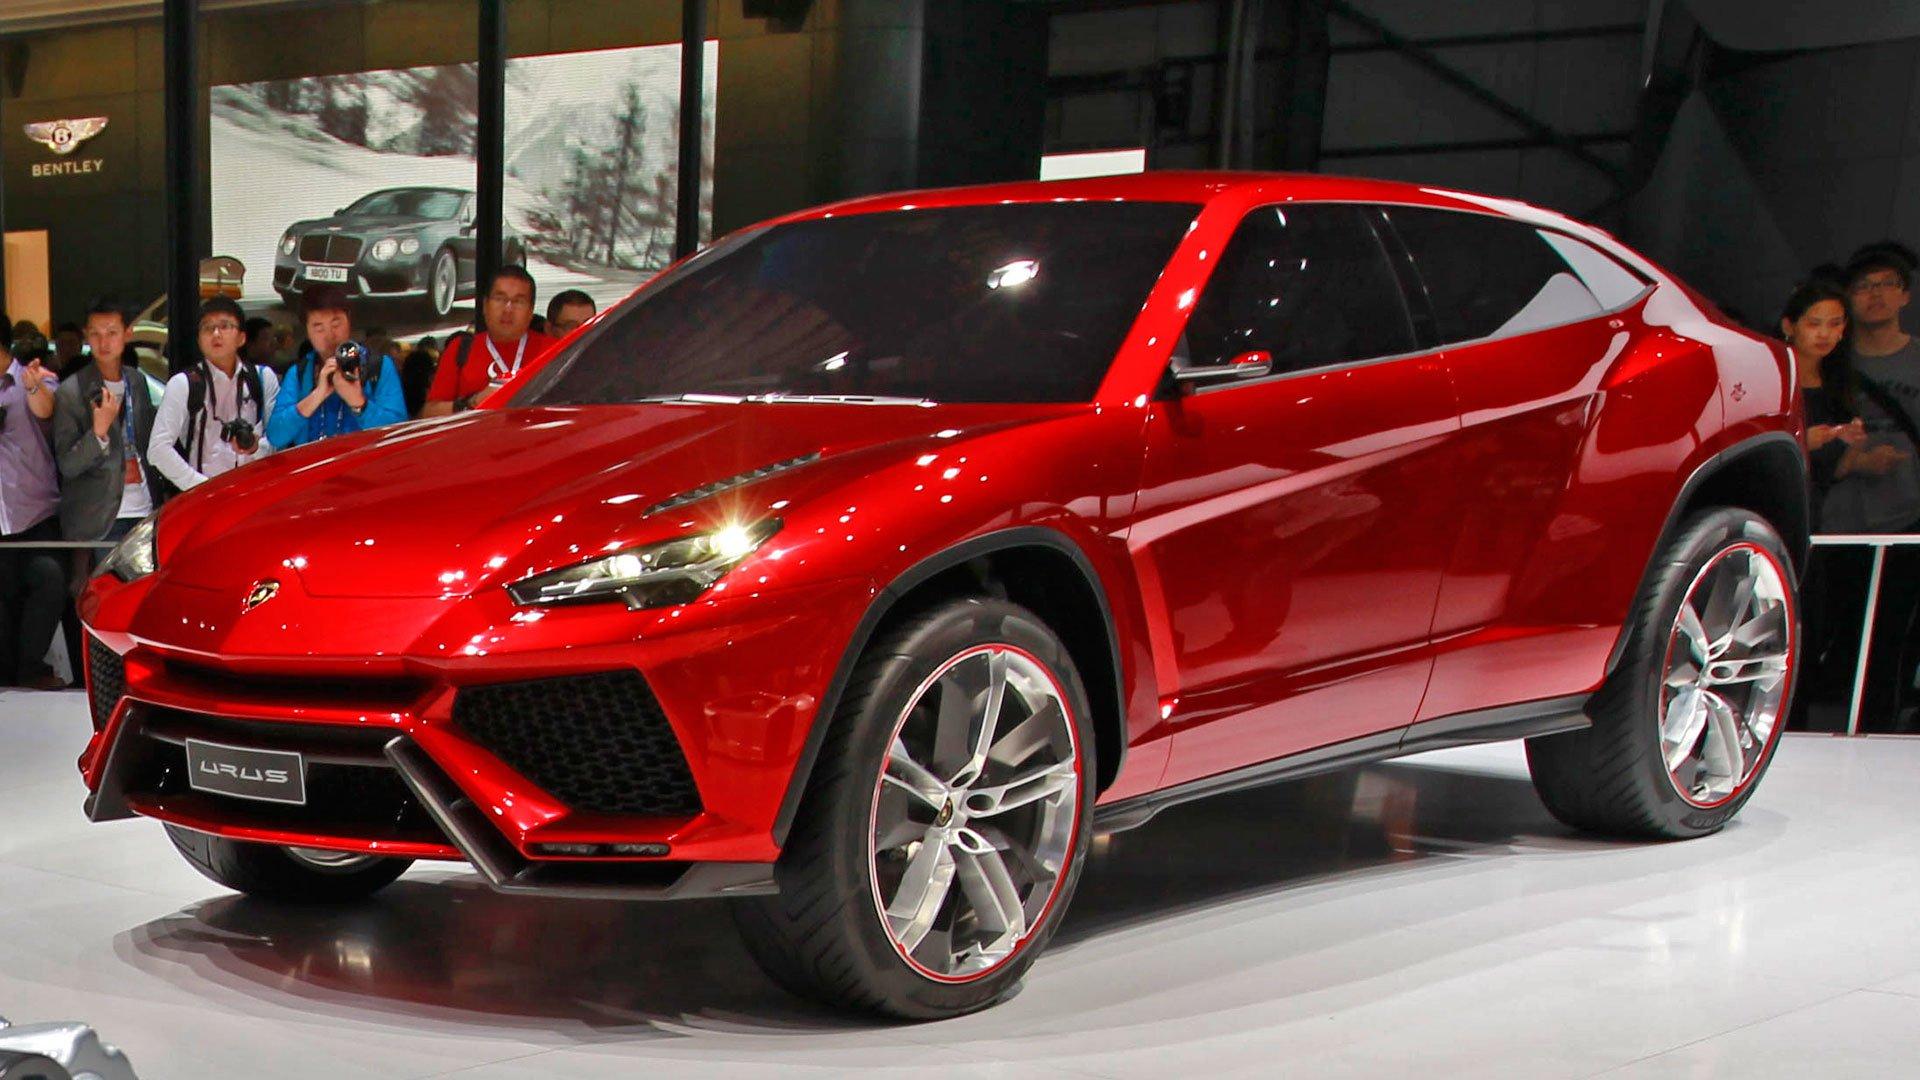 El Lamborghini Urus se sitúa entre los mundos del lujo y la deportividad donde accede a nuevas posibilidades de mercados y clientes.